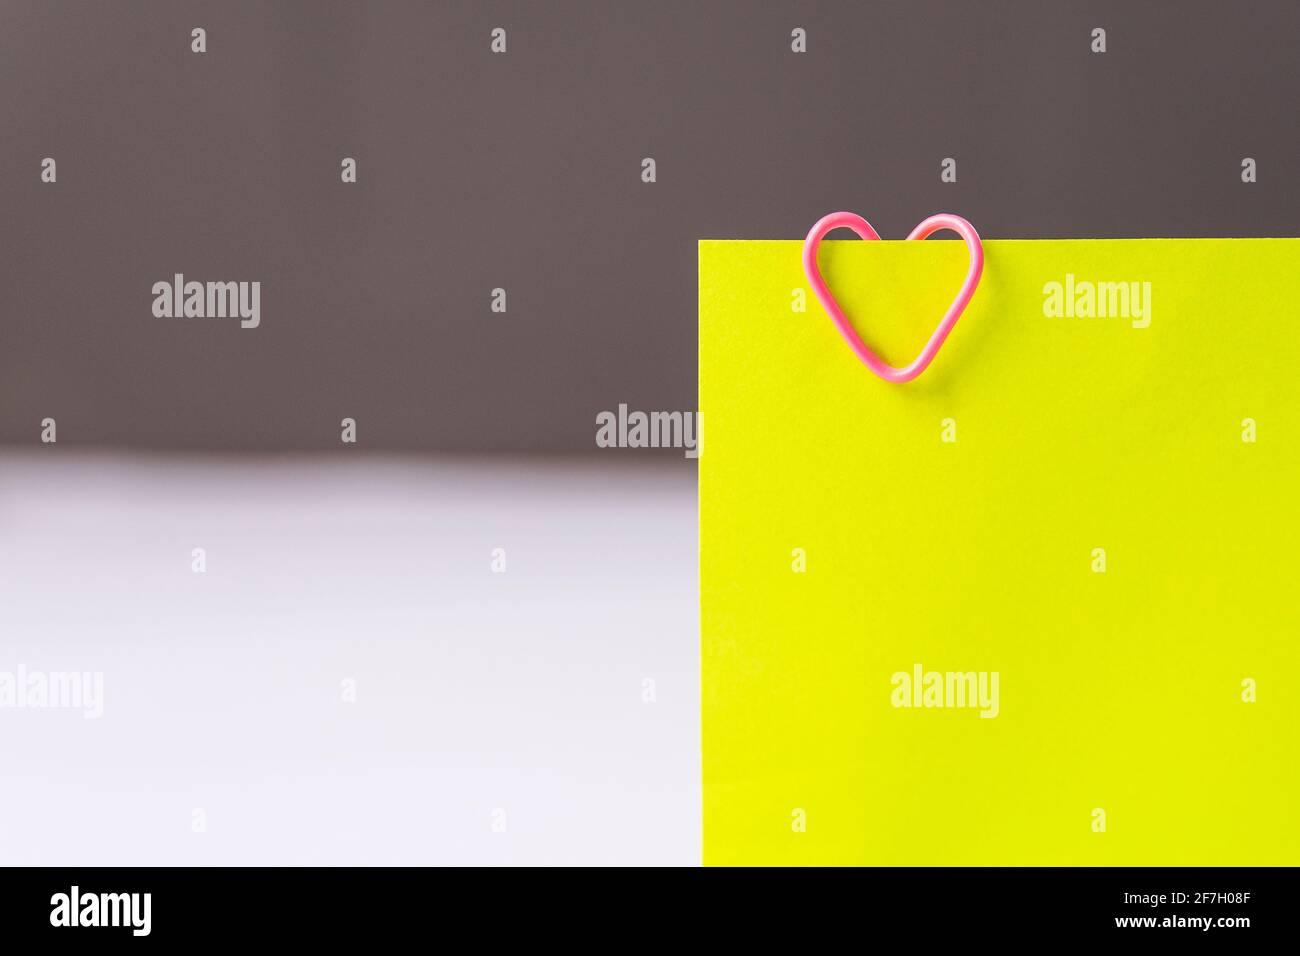 Clips de papel en forma de corazón sobre notas adhesivas fluorescentes sobre fondo blanco. Foto de stock